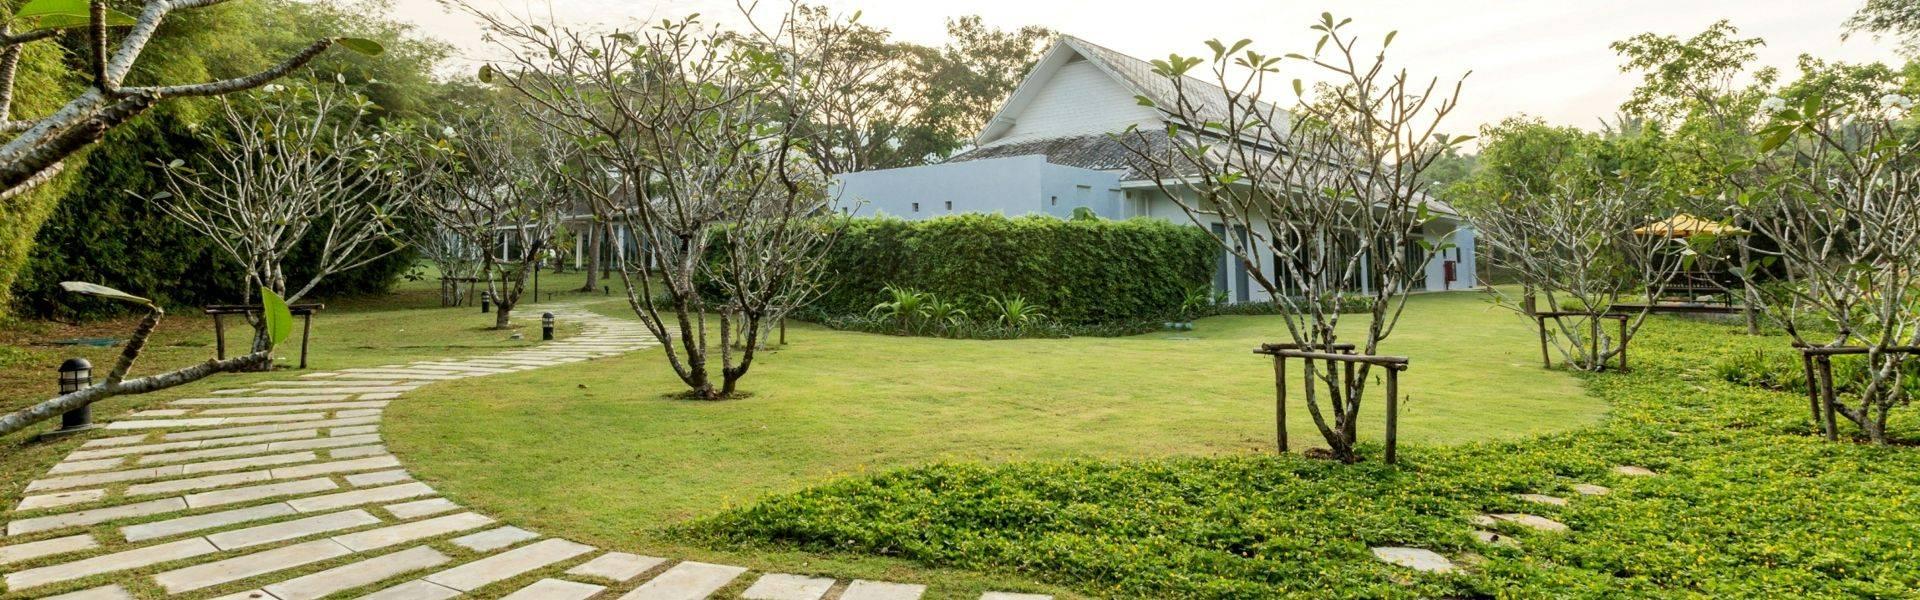 Thanyapura Garden Wing Grounds